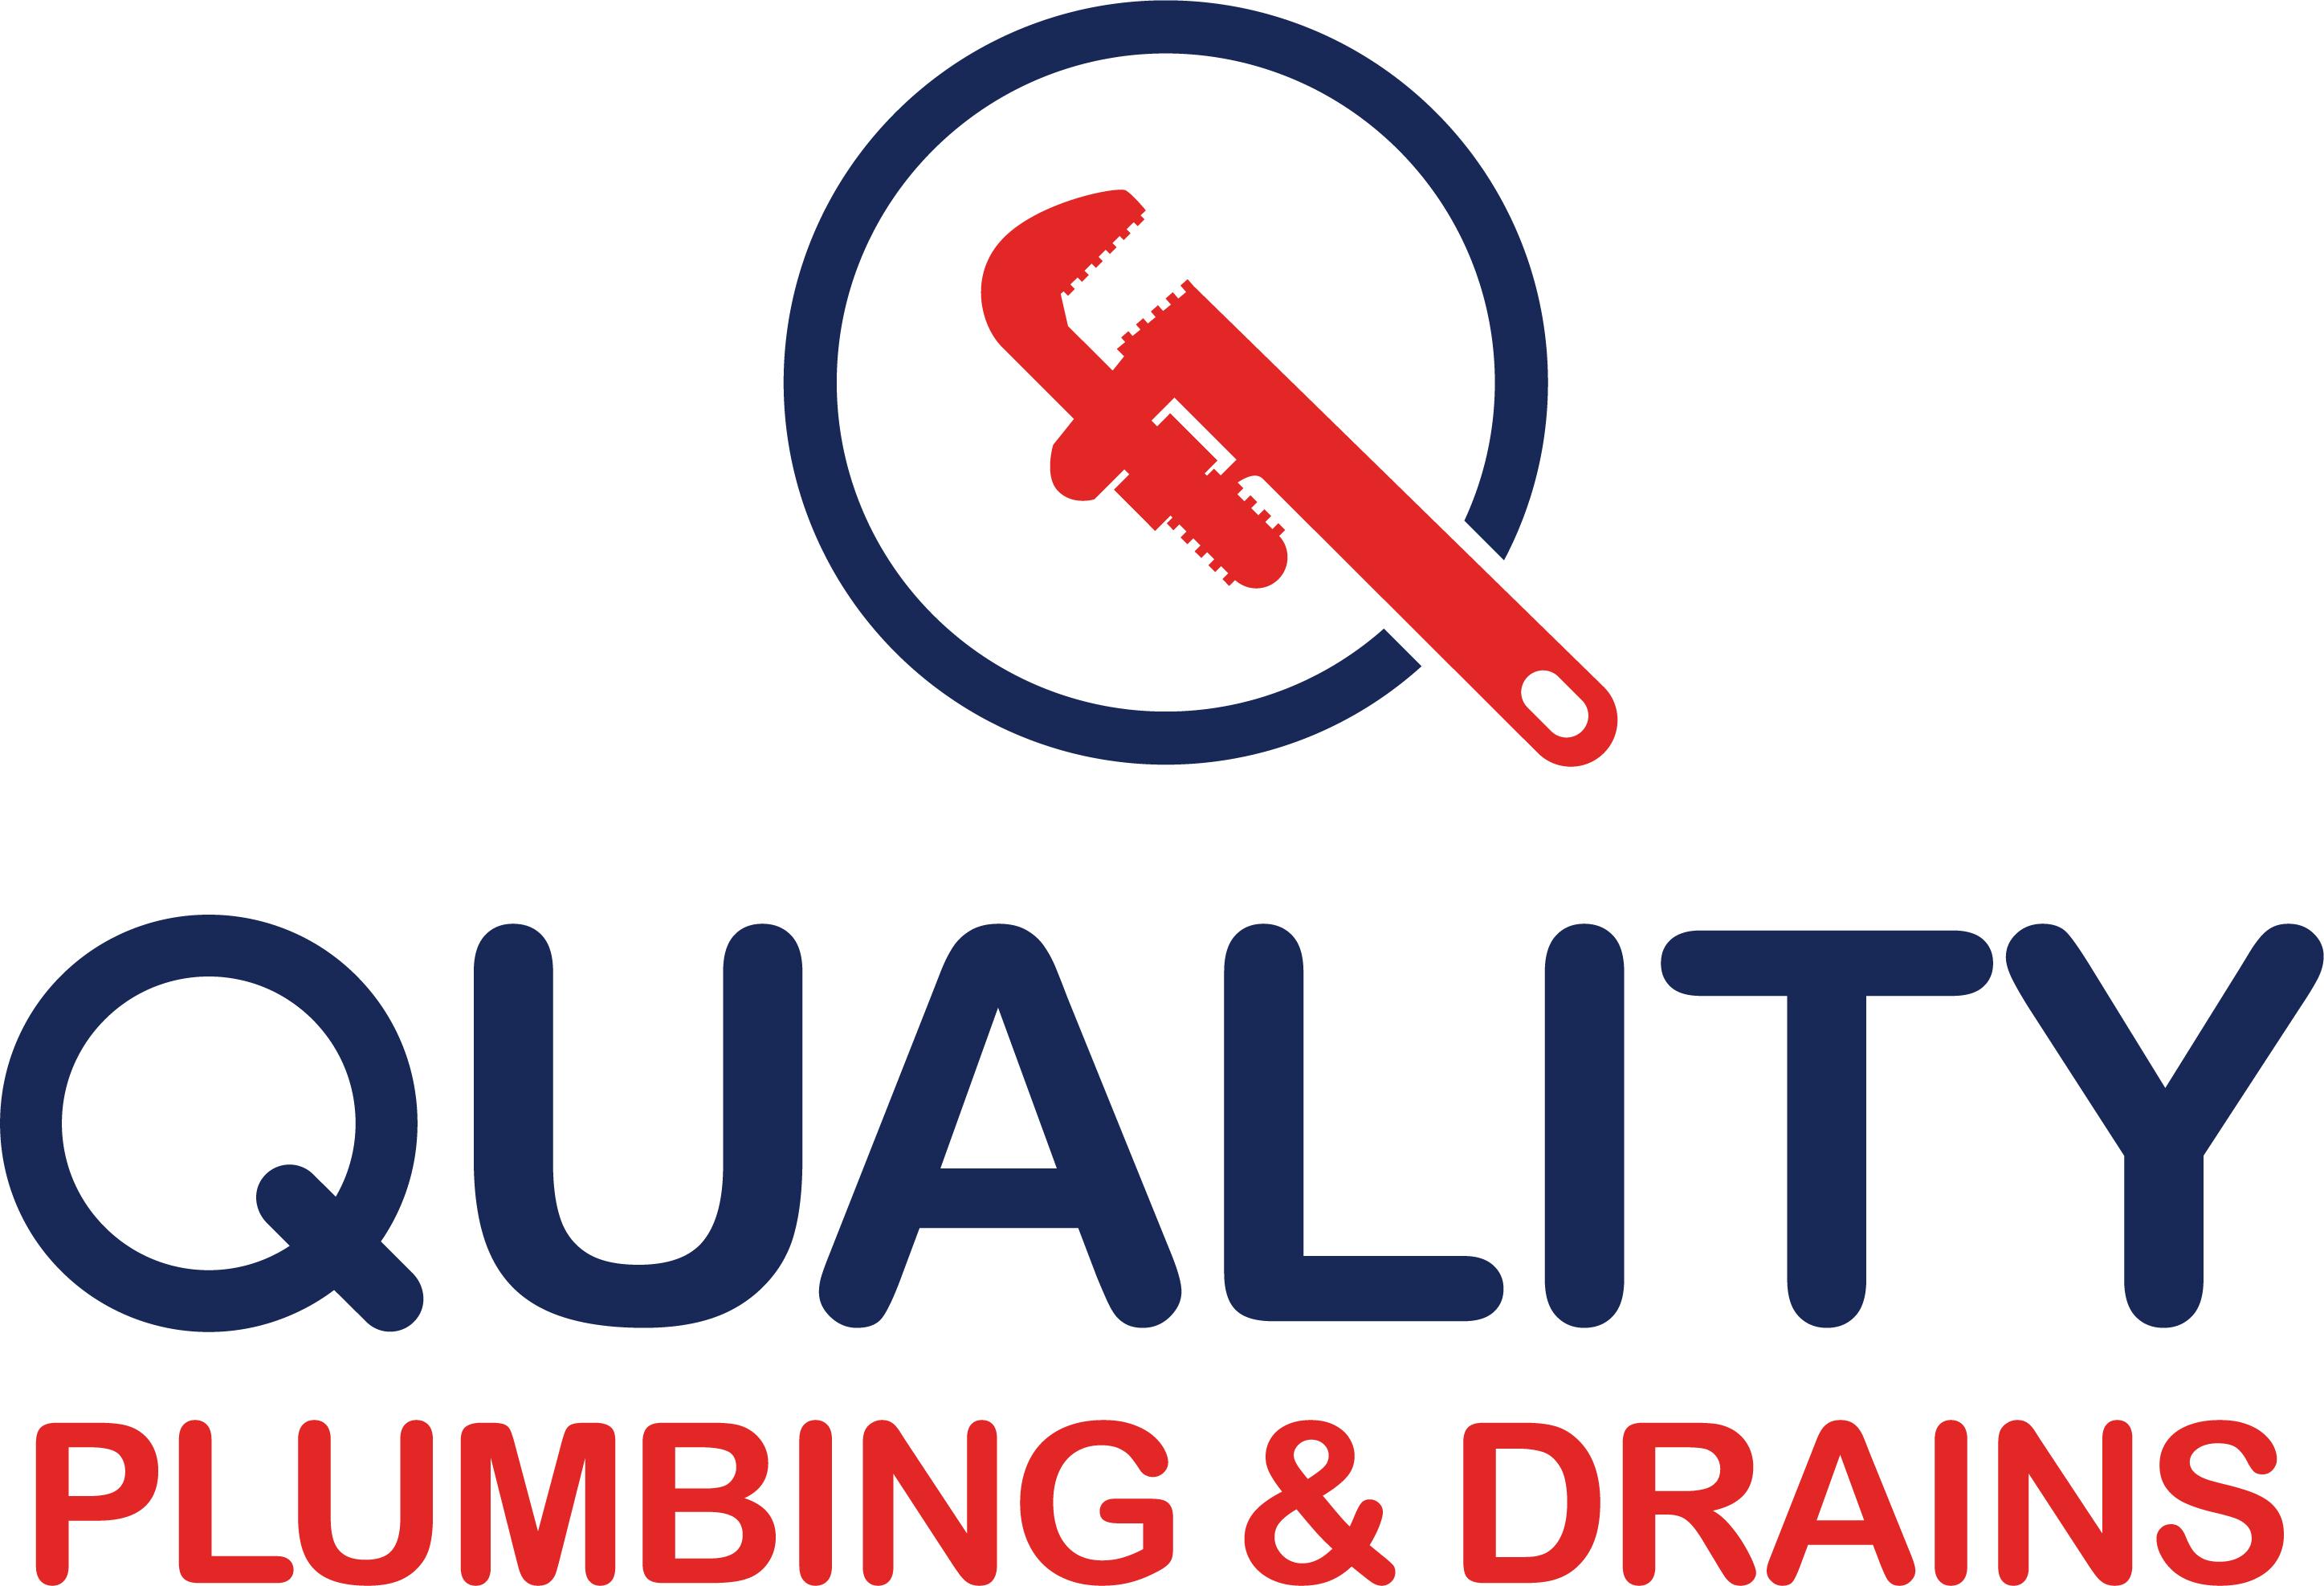 Quality Plumbing & Drains Inc. logo